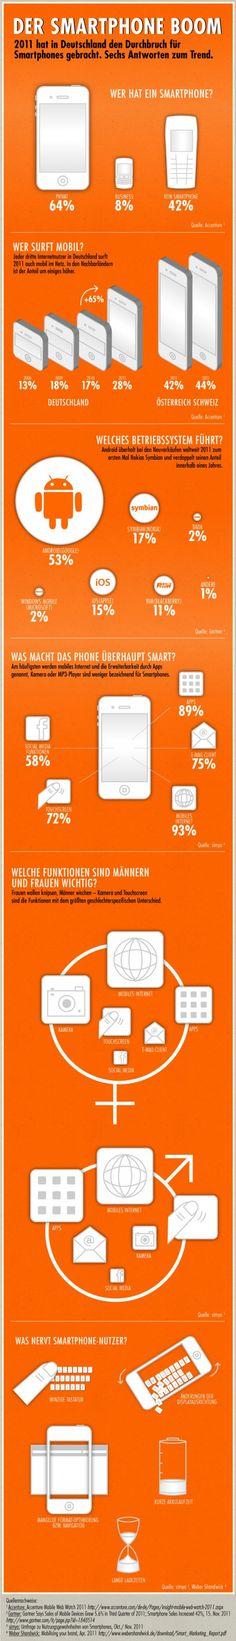 Der Smartphone Boom in Deutschland